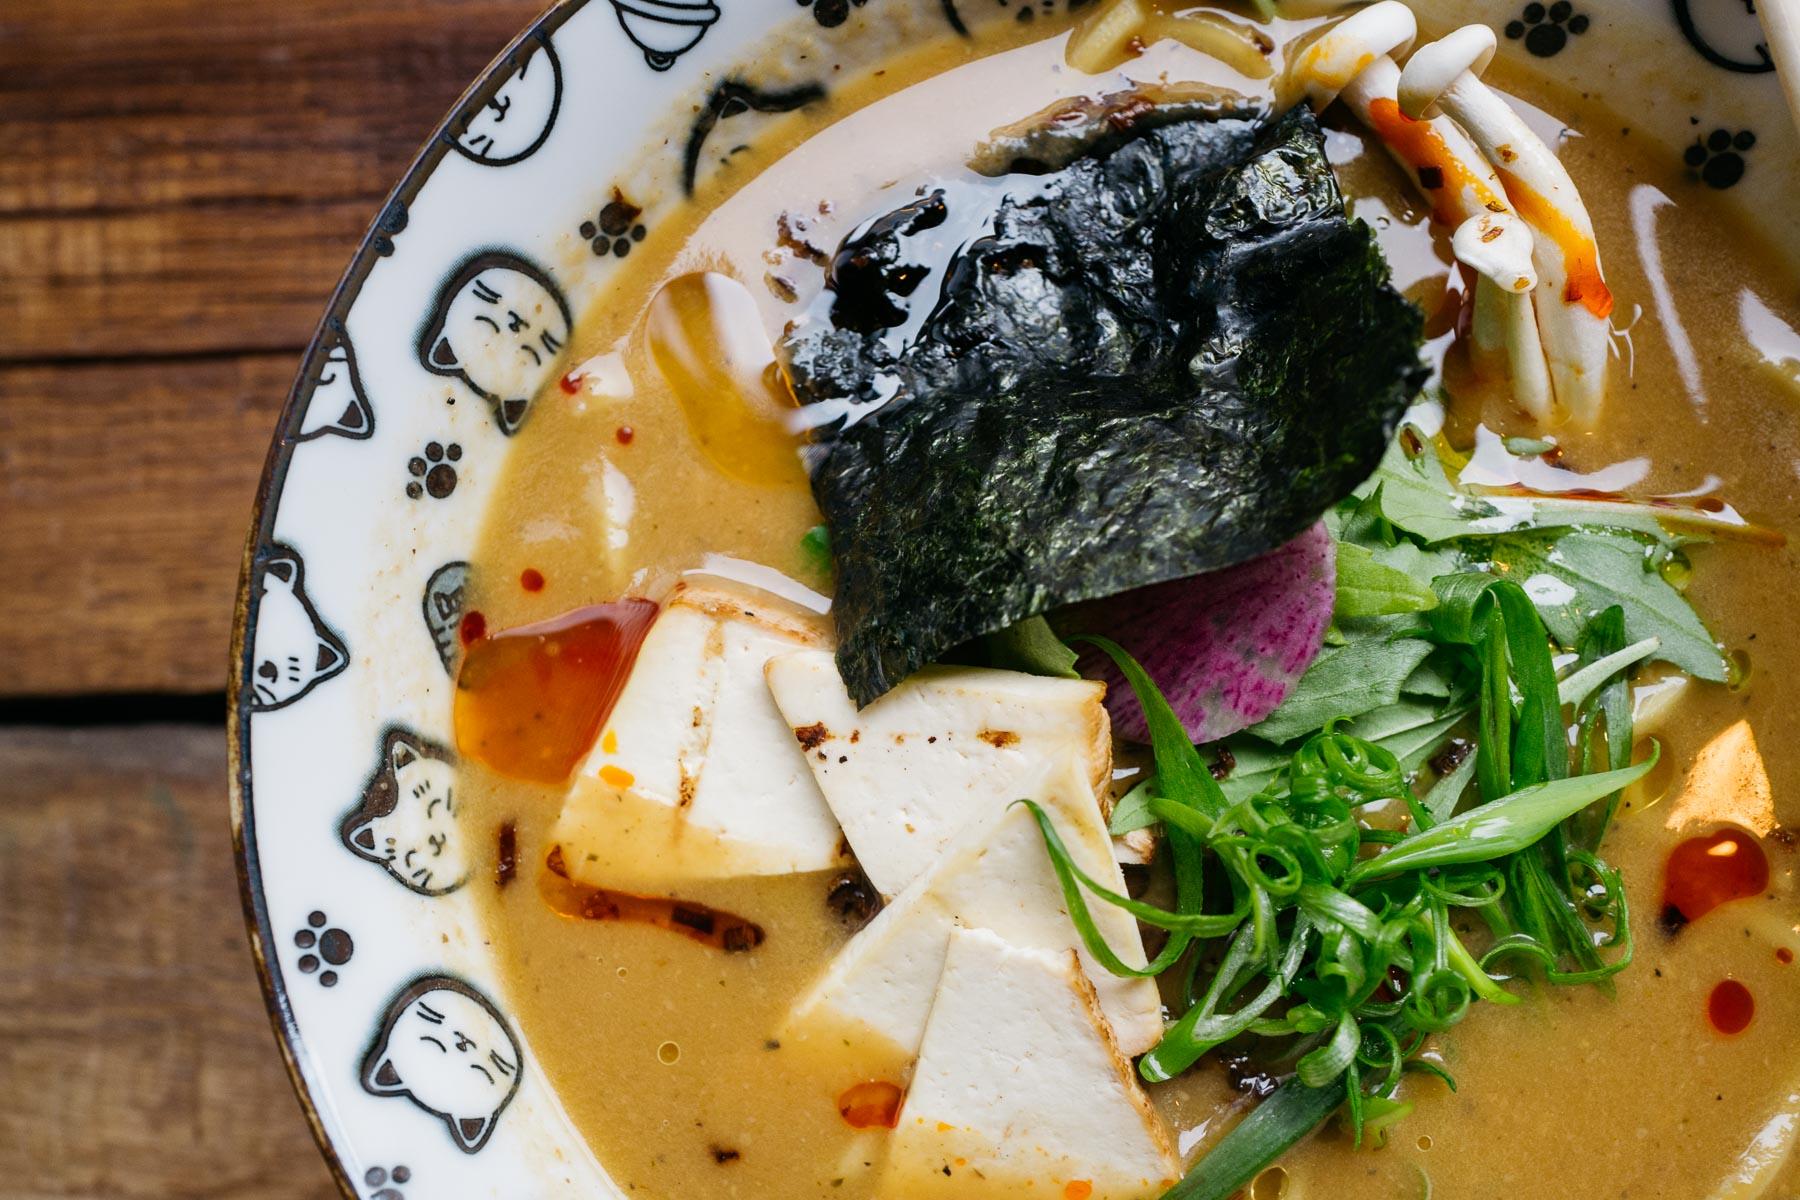 veggy shoyu ramen (wędzone tofu, musztardowiec, grzyby shitake, por, szczypior) - 32 zł (Arigator Ramen Shop)